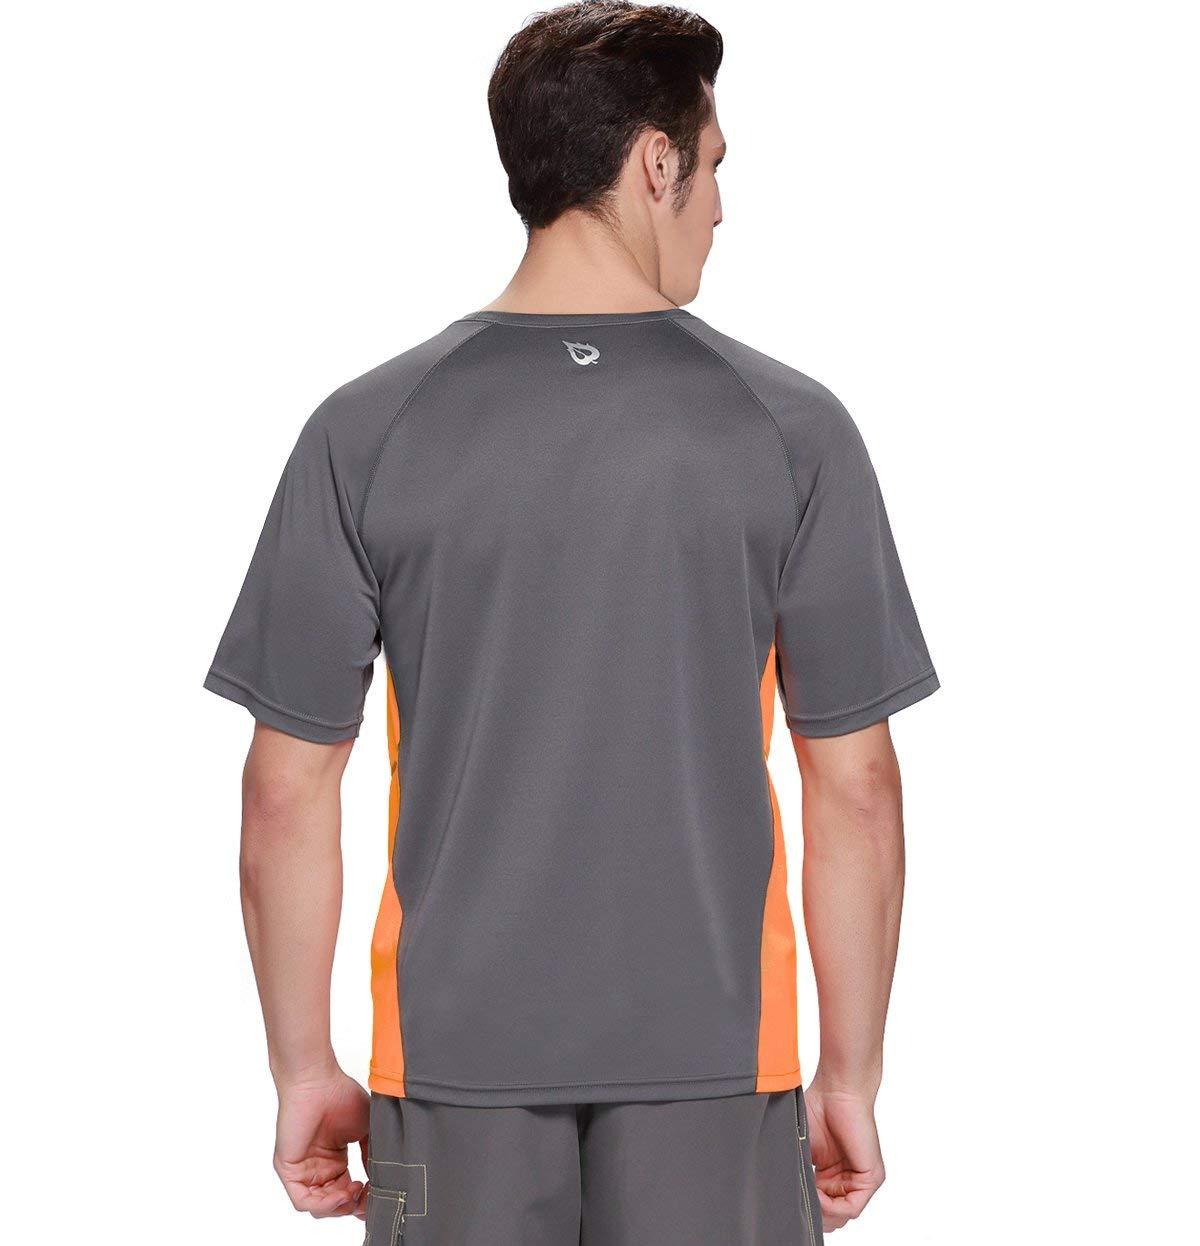 Baleaf Men's Short Sleeve Sun Protection Rashguard Swim Shirt UPF 50+ Dark Grey M by Baleaf (Image #2)